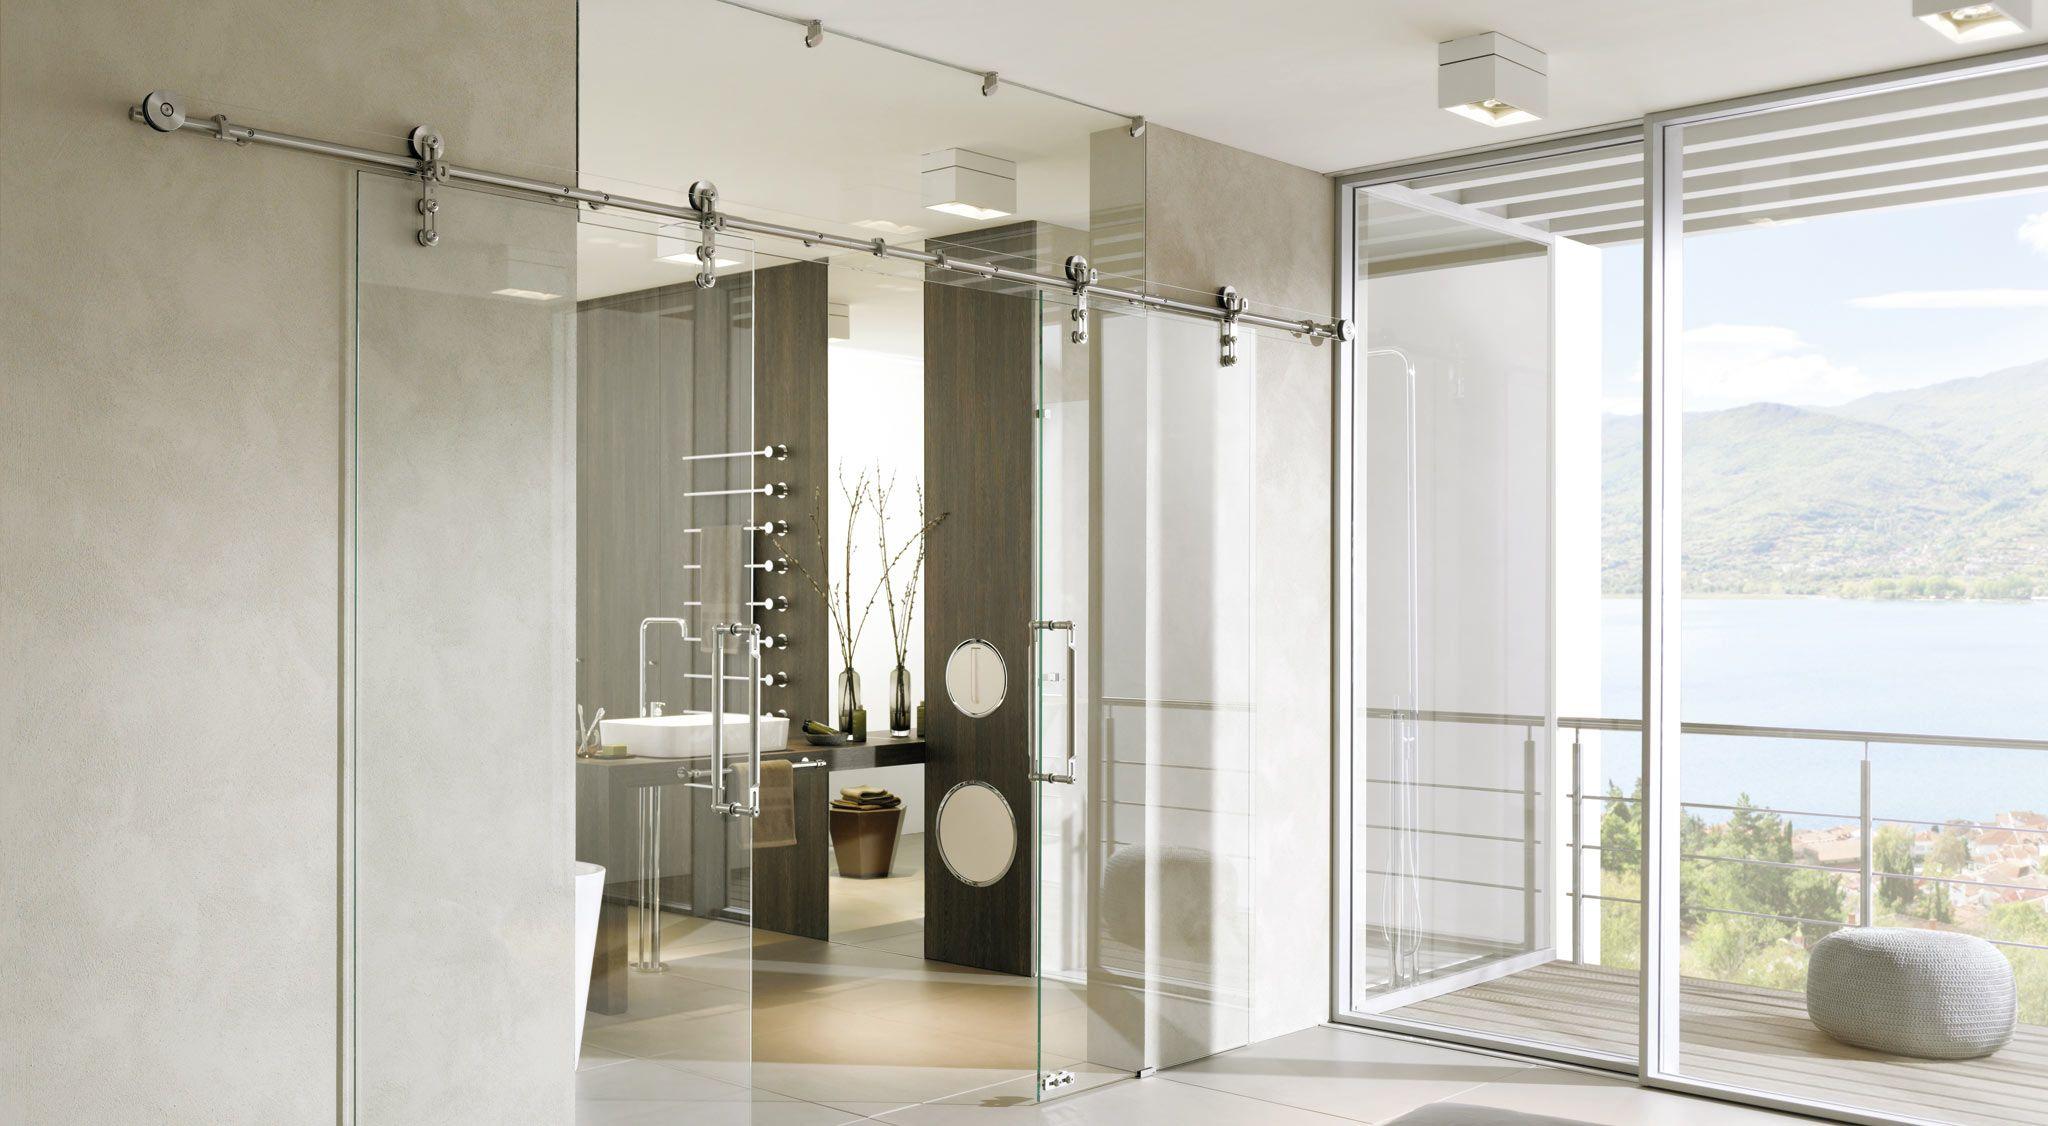 Türbeschläge aus Edelstahl für Tür und Duschsysteme mit